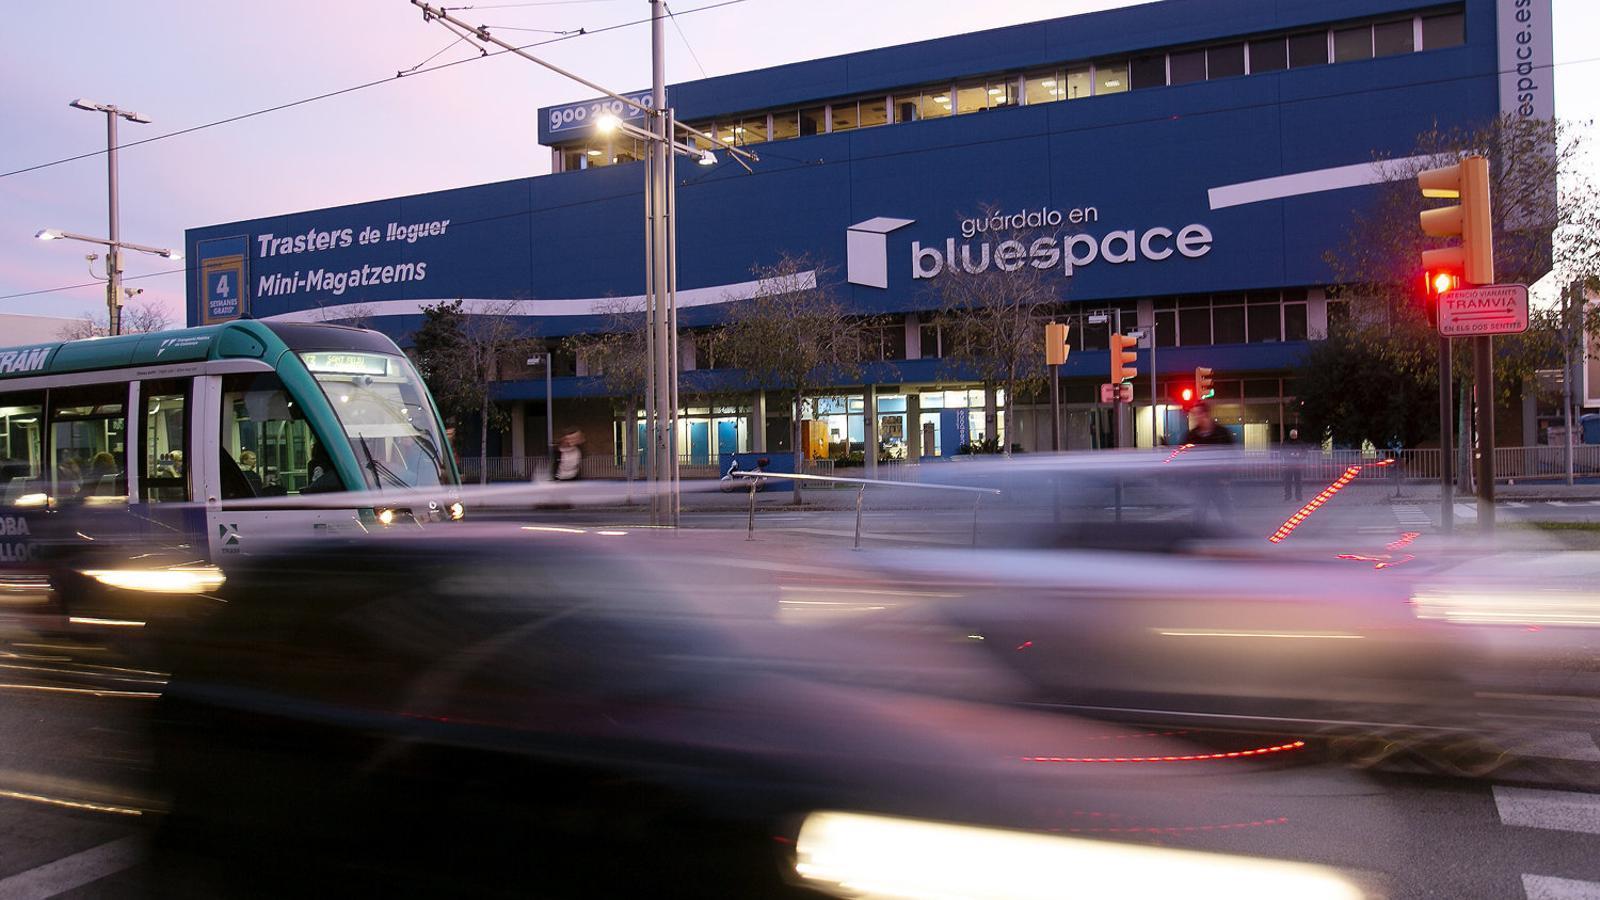 Viure en un traster de Bluespace: la cara més dura de la precarietat